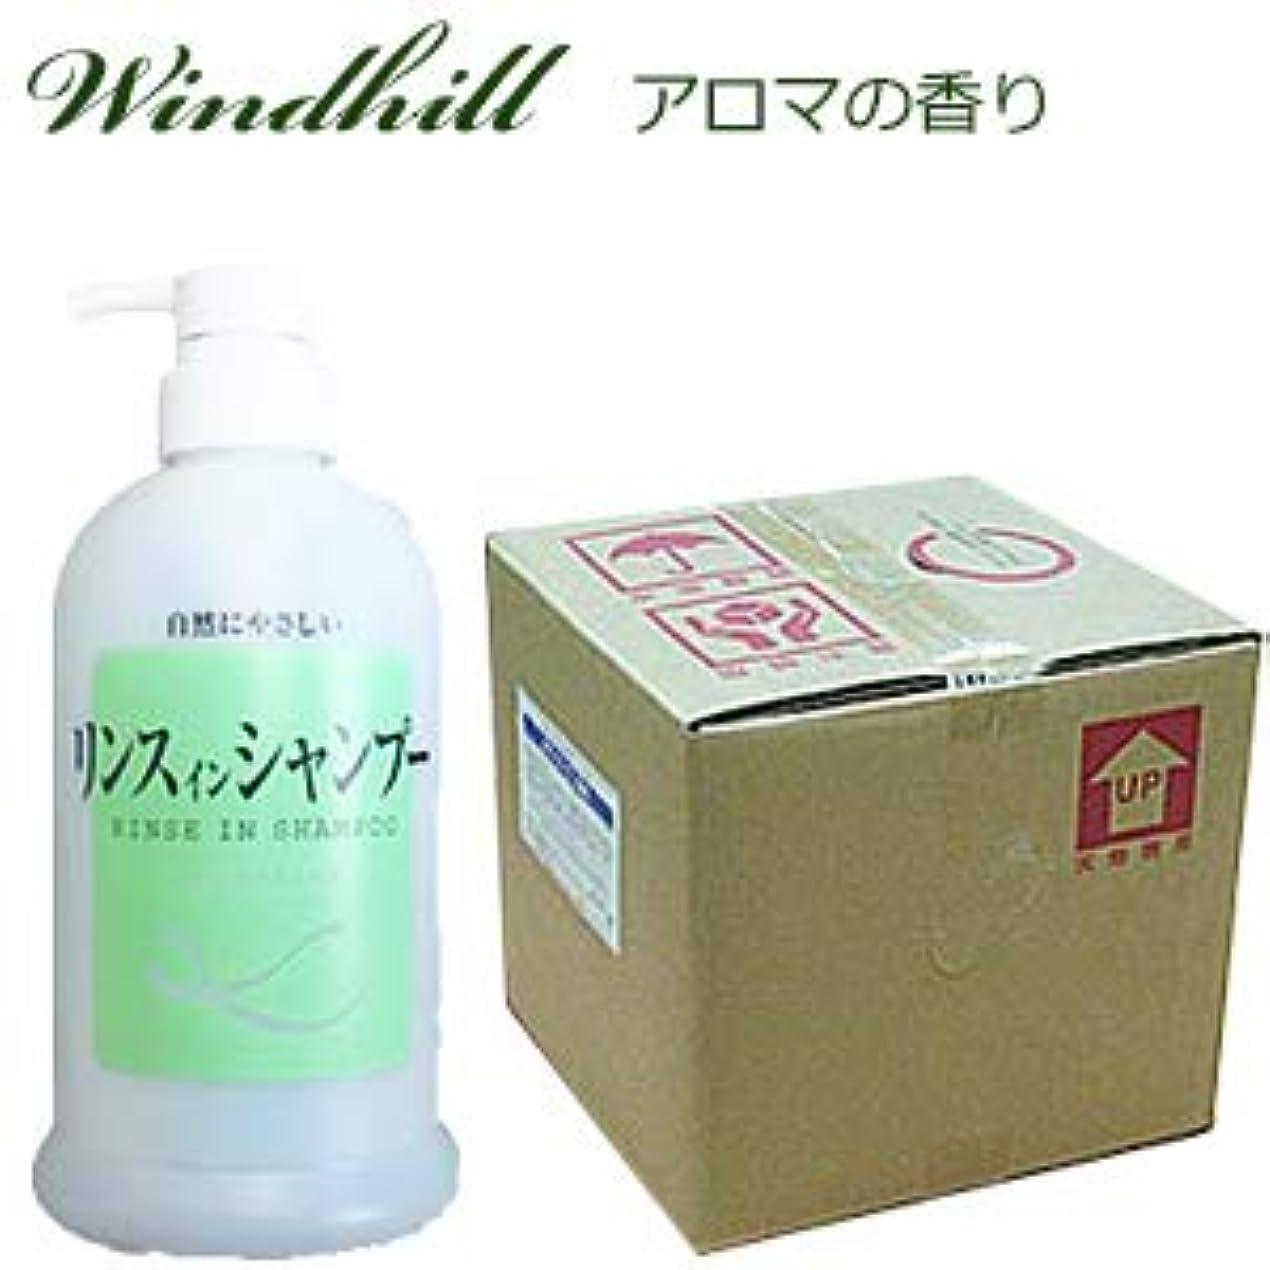 マラウイリスク労苦なんと! 500ml当り188円 Windhill 植物性業務用 リンスインシャンプー 紅茶を思うアロマの香り 20L